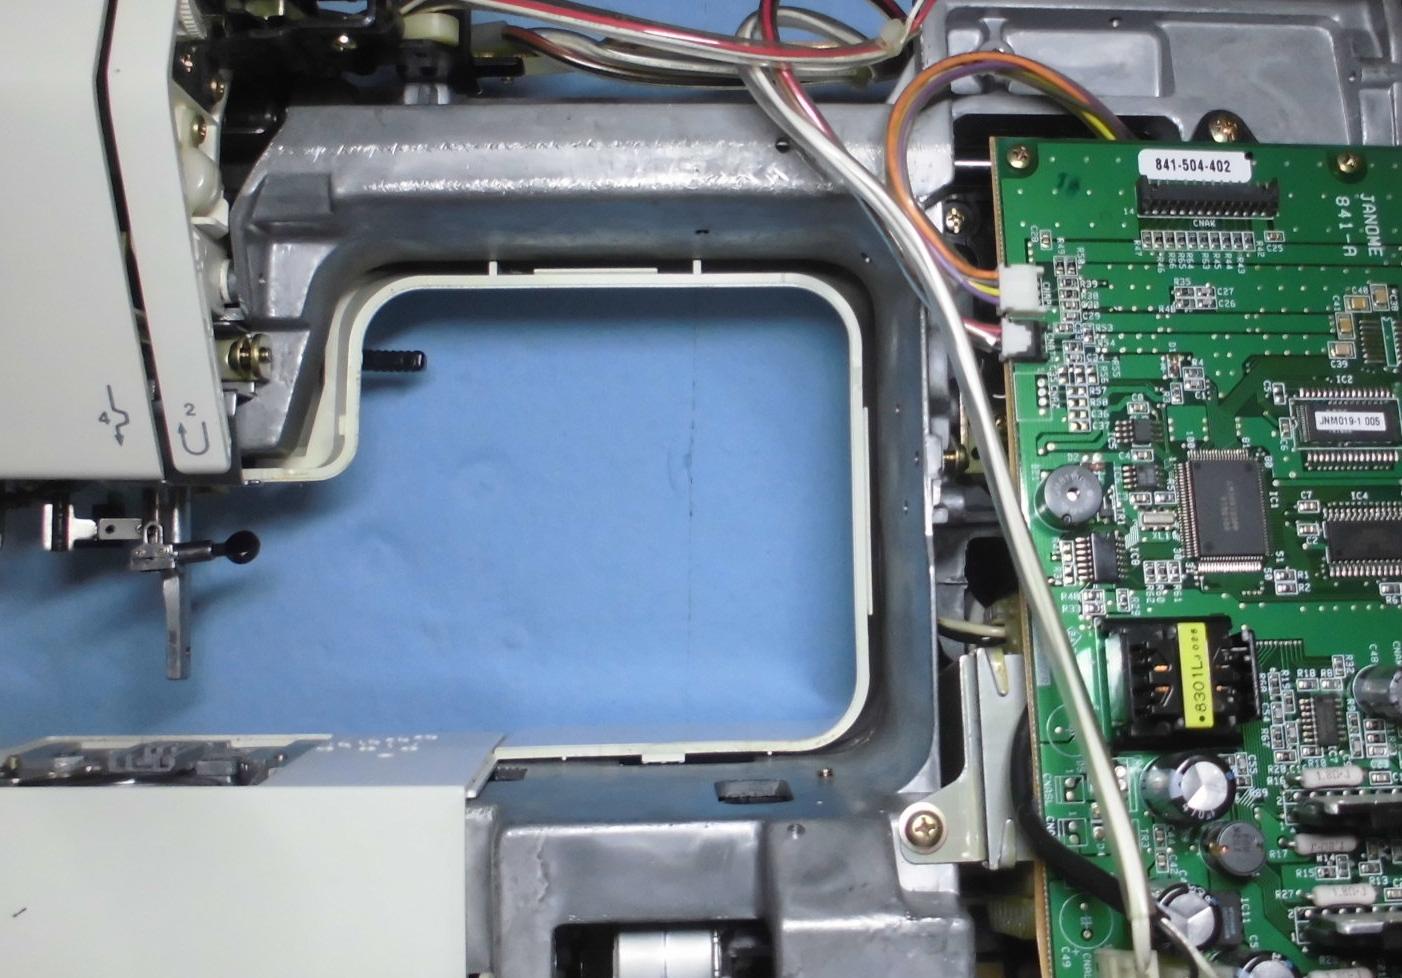 JANOME S7700の分解オーバーホールメンテナンス修理